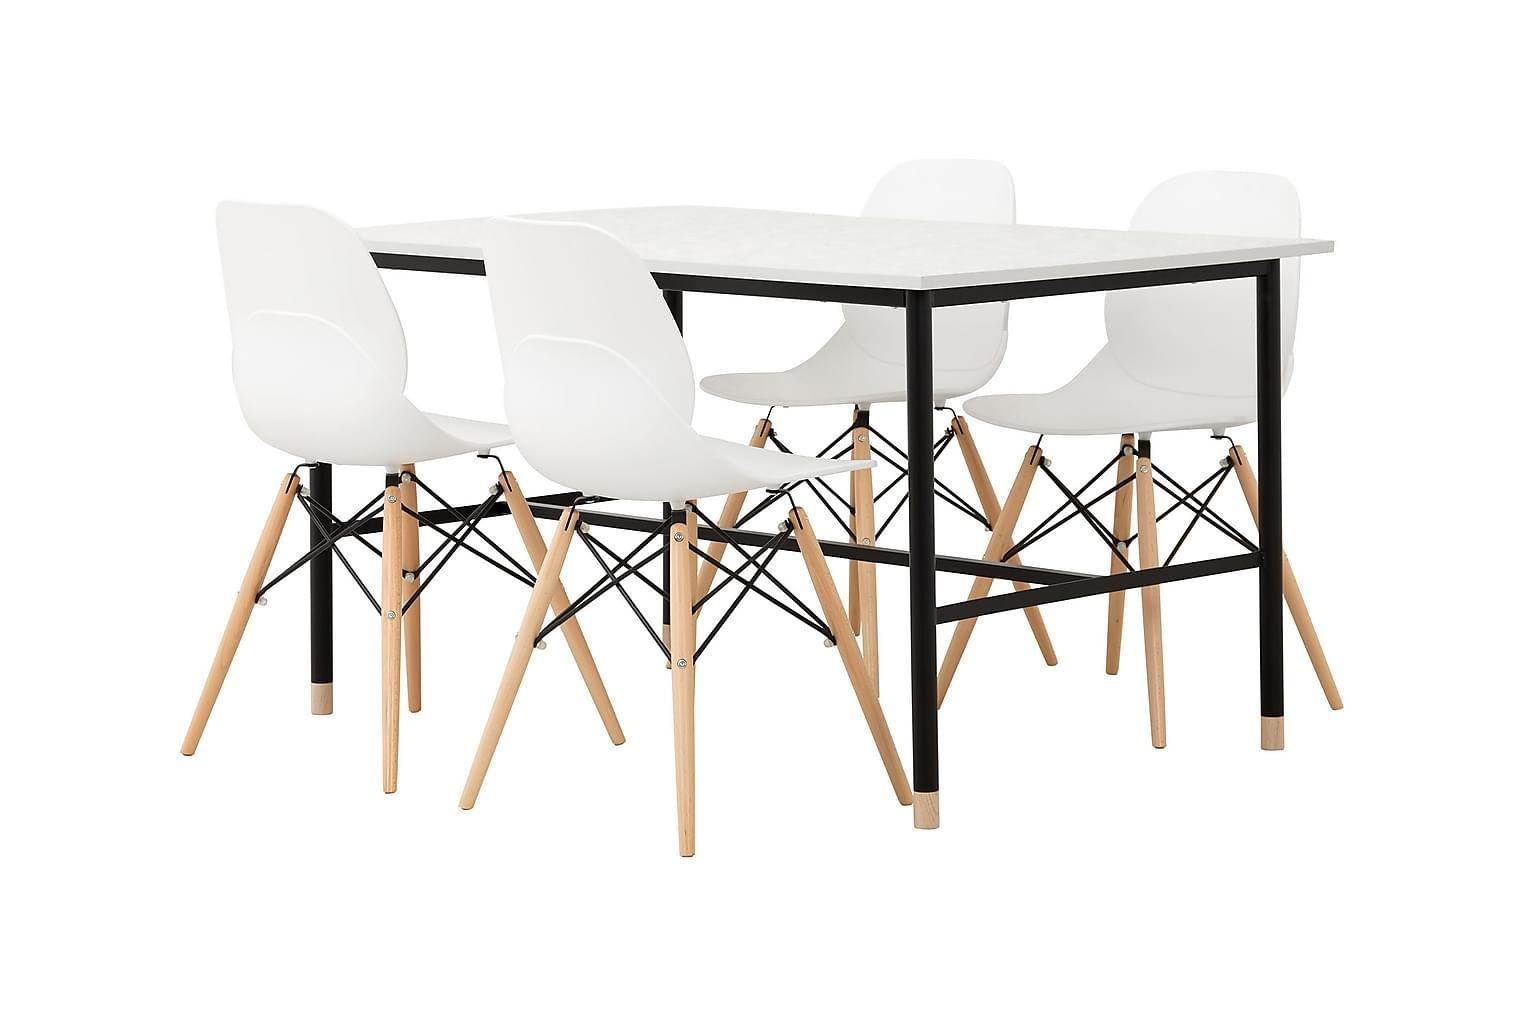 BRANDY Pöytä 138 Marmori + 4 RANA Tuolia Valkoinen/Puujalat